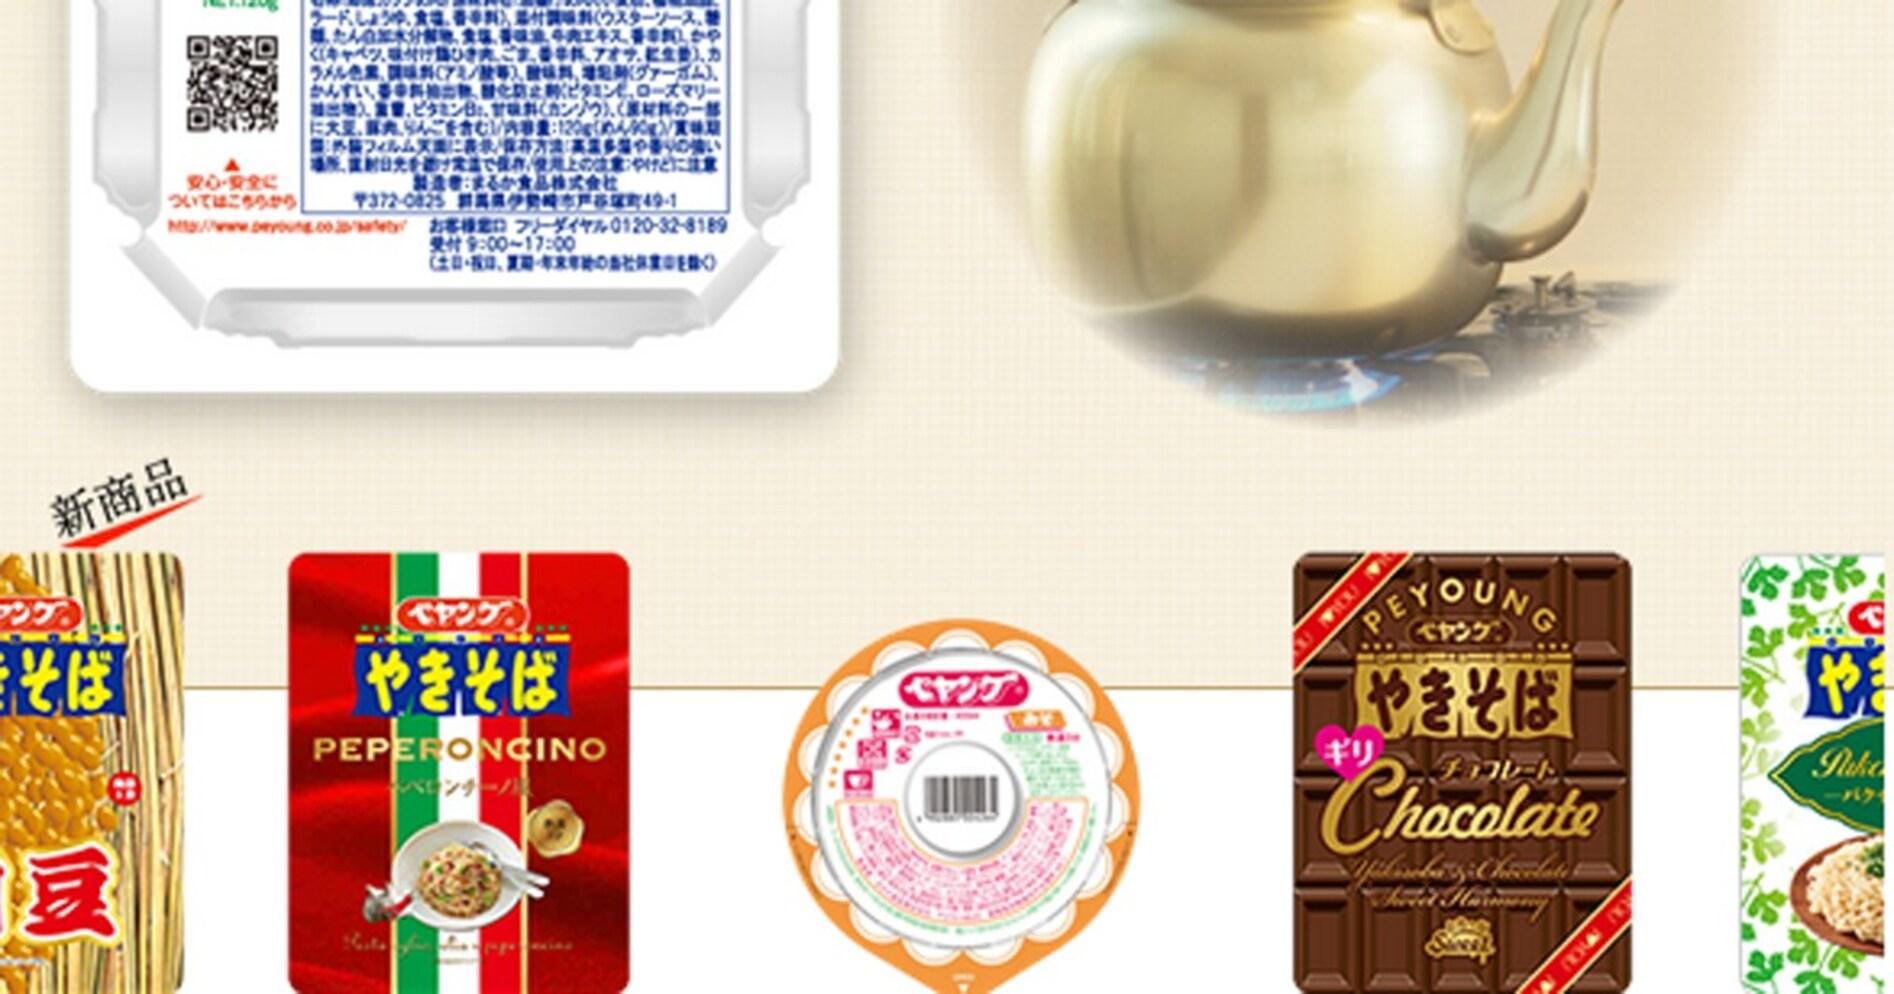 背脂にチョコ味も…ペヤングのおもしろ商品企画にはネット時代ならではの理由があった